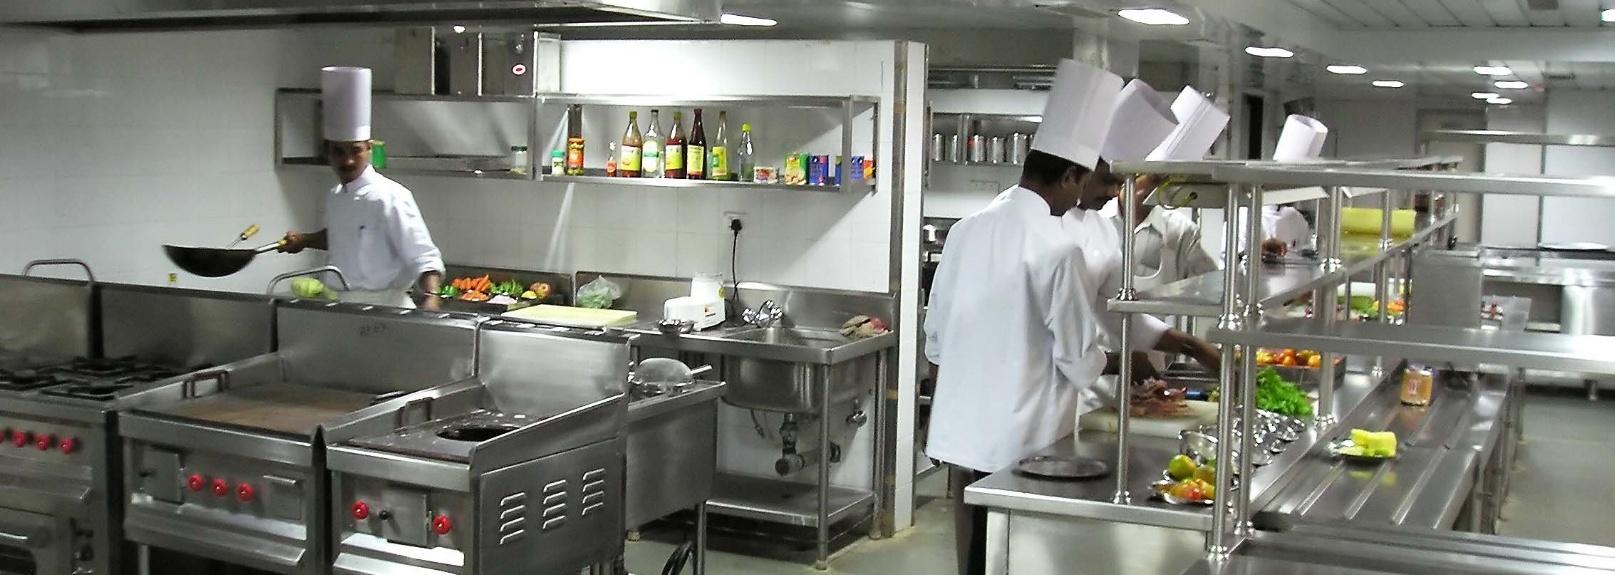 Restaurants - Kitchen staff hard at work